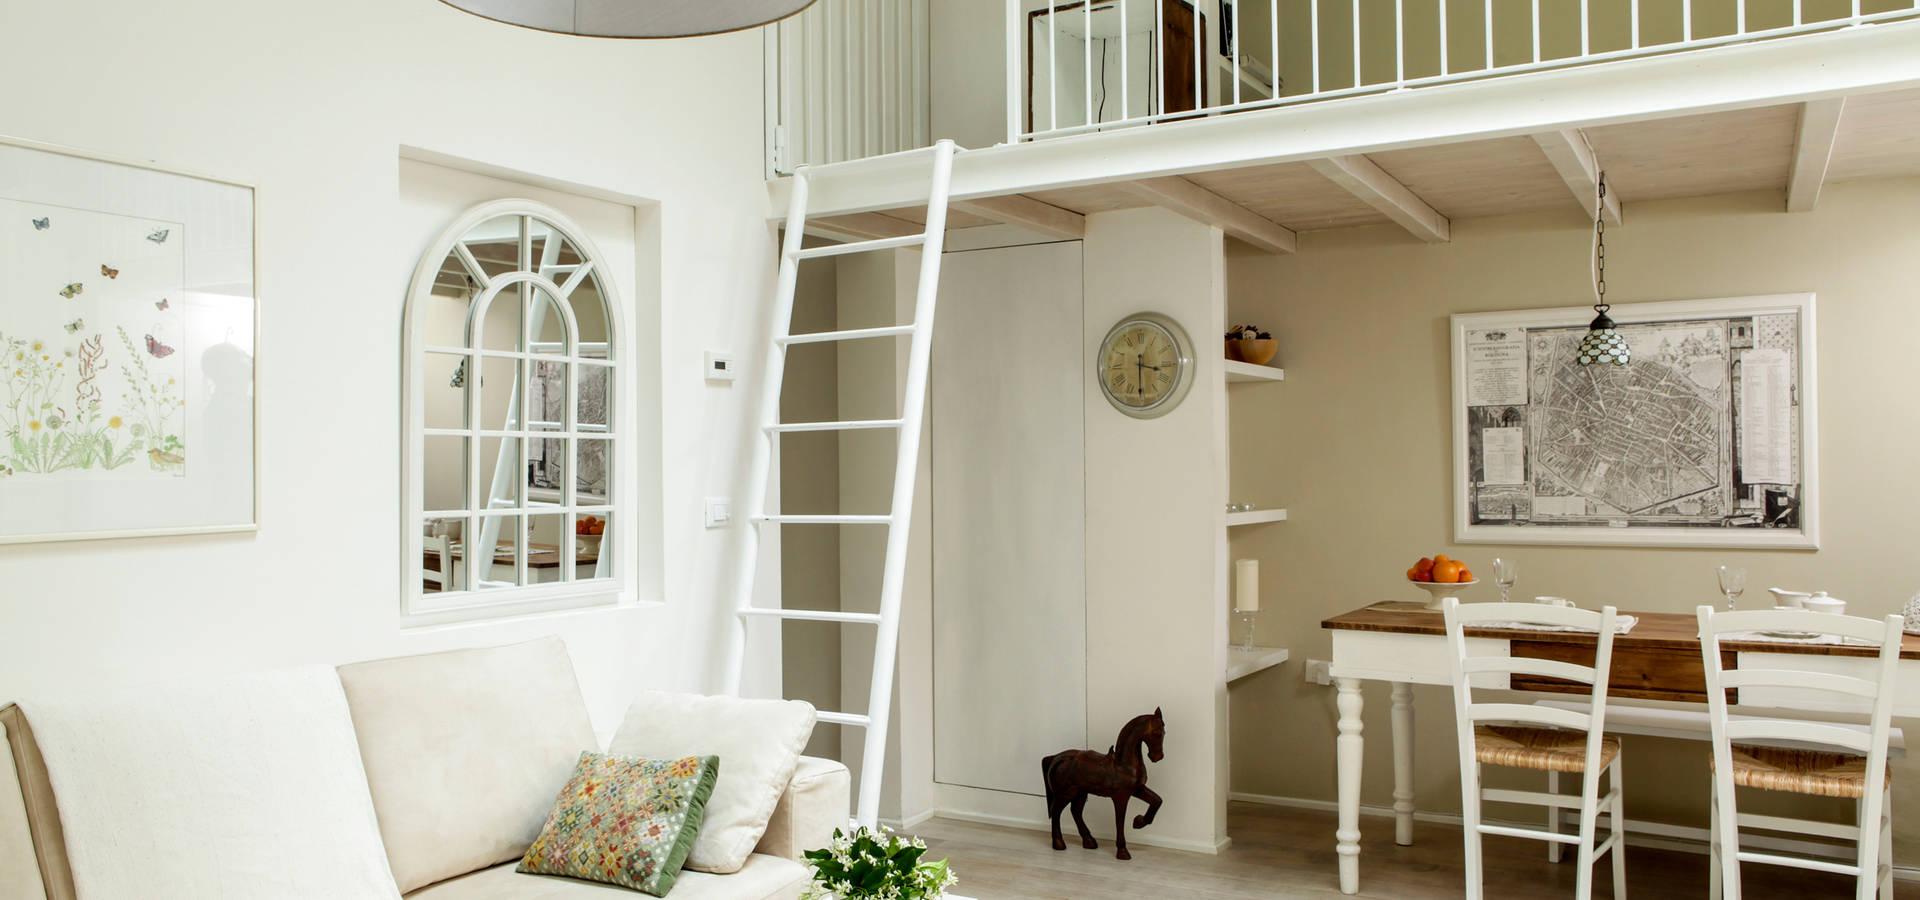 Little Cottage - casa di charme per vacanze e soggiorni brevi a ...